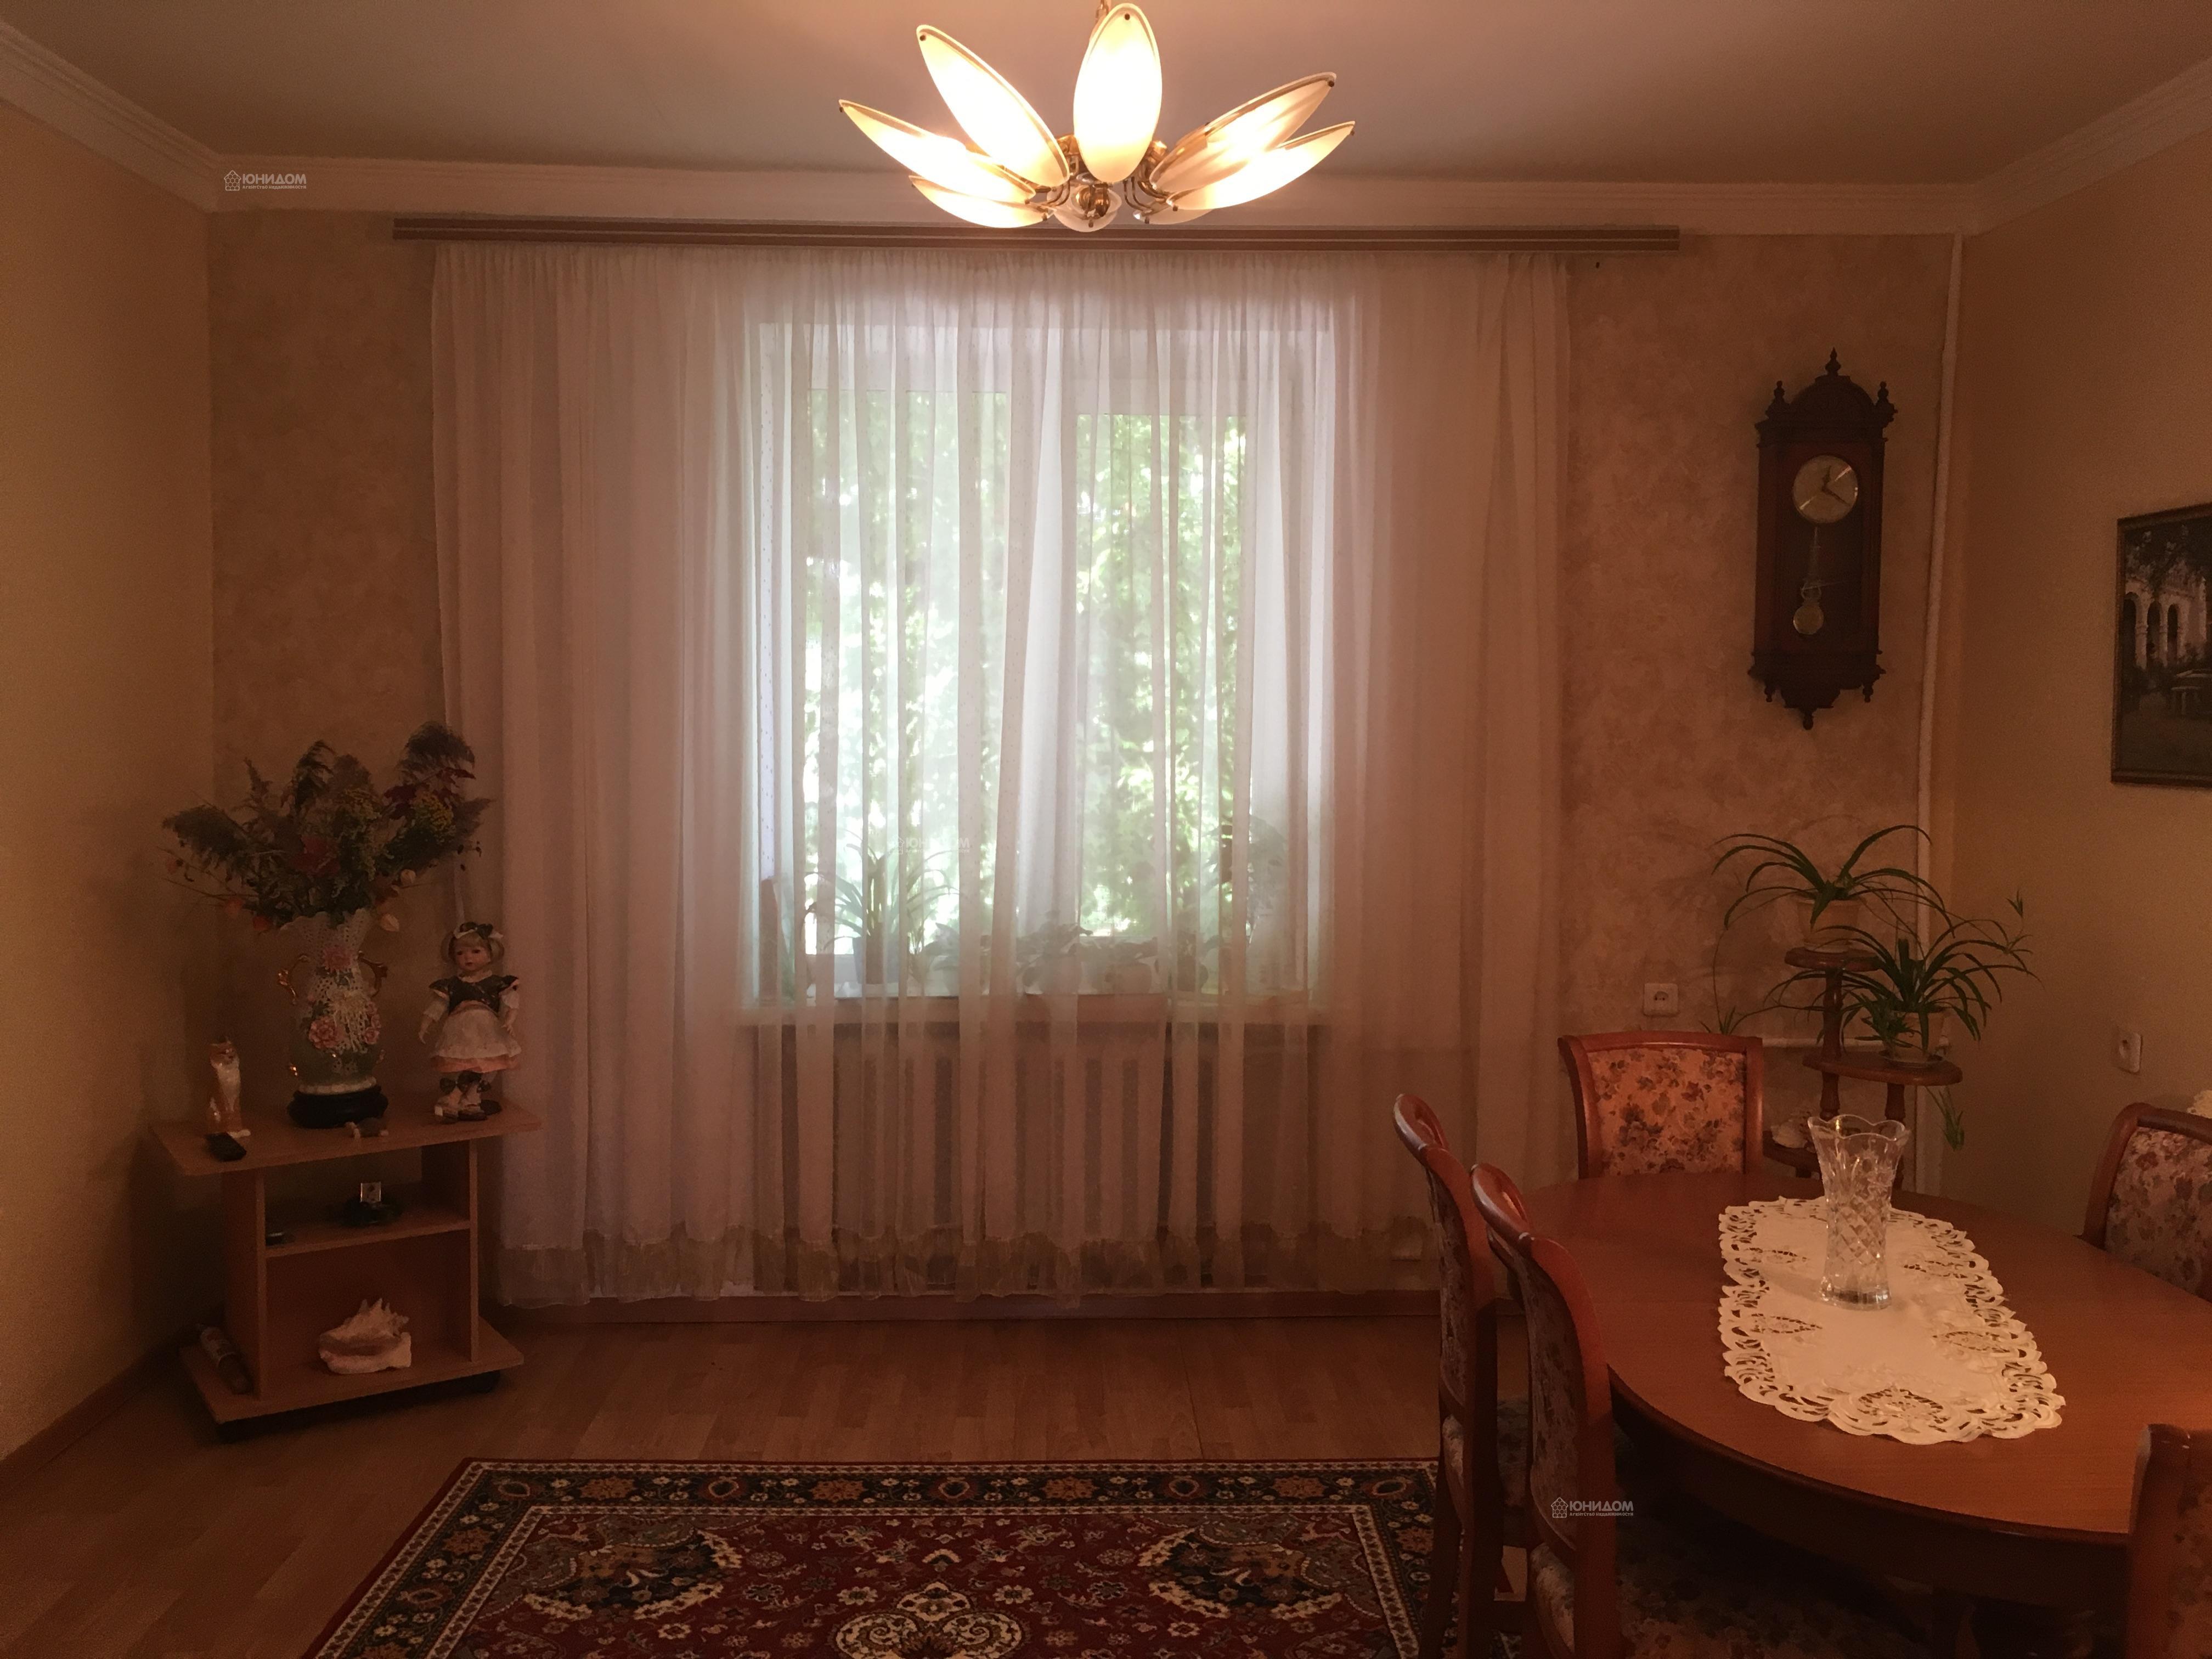 Продам 3-комн. квартиру по адресу Россия, Тюменская область, Тюмень, Минская 102 фото 11 по выгодной цене